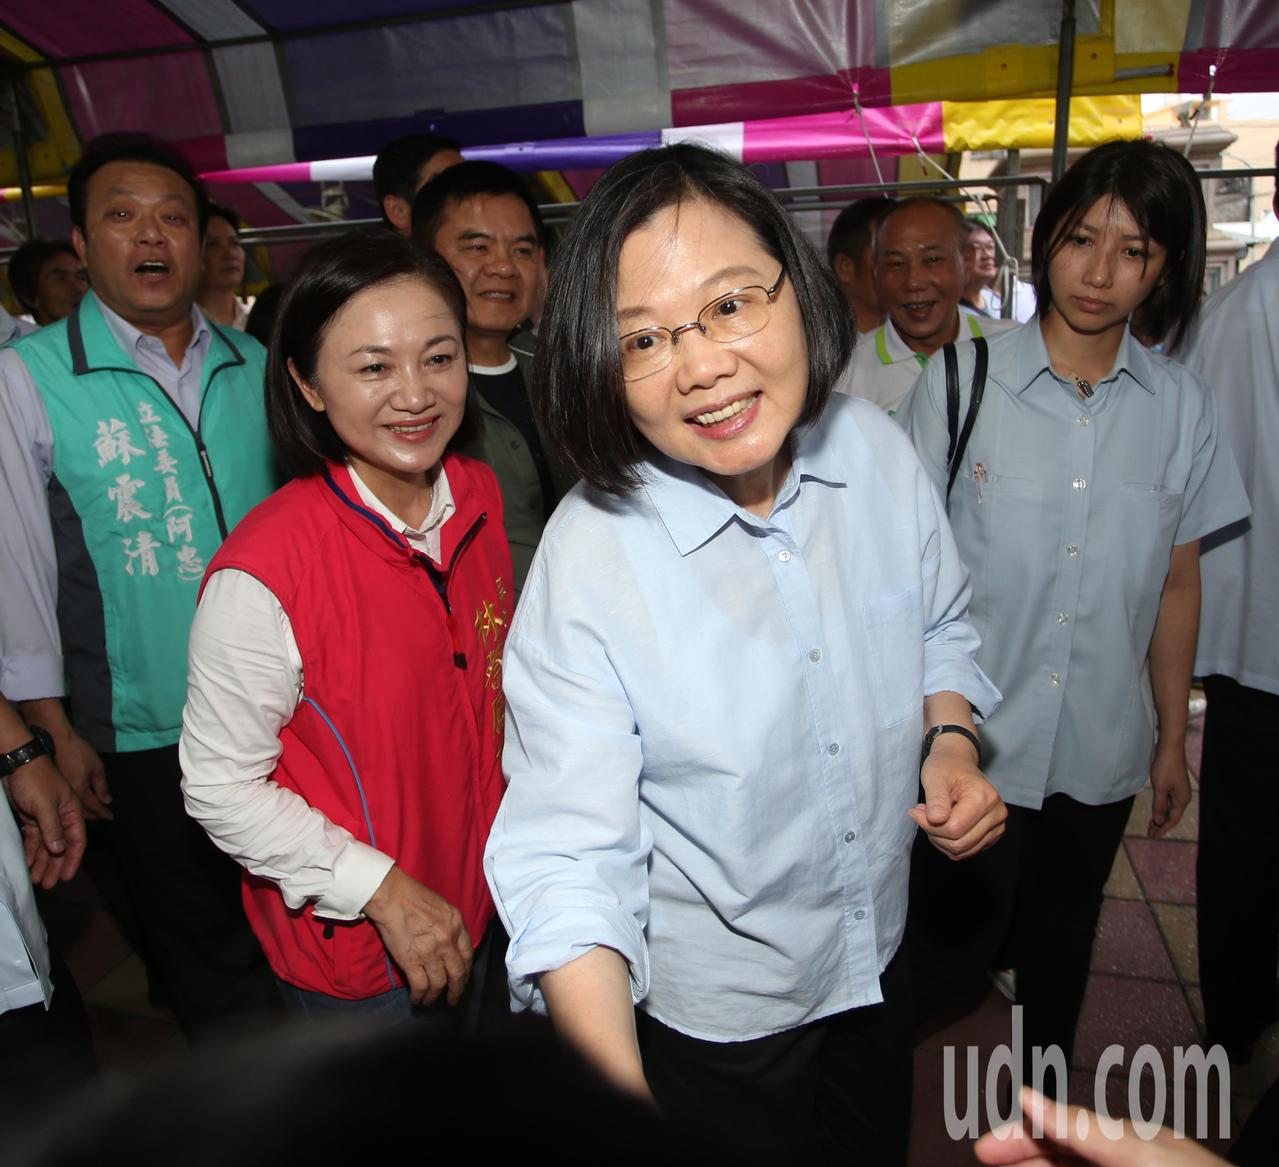 蔡英文總統今天傍晚到東港參加黑鮪魚季踩街活動,並上街與沿途民眾揮手致意。記者劉學...